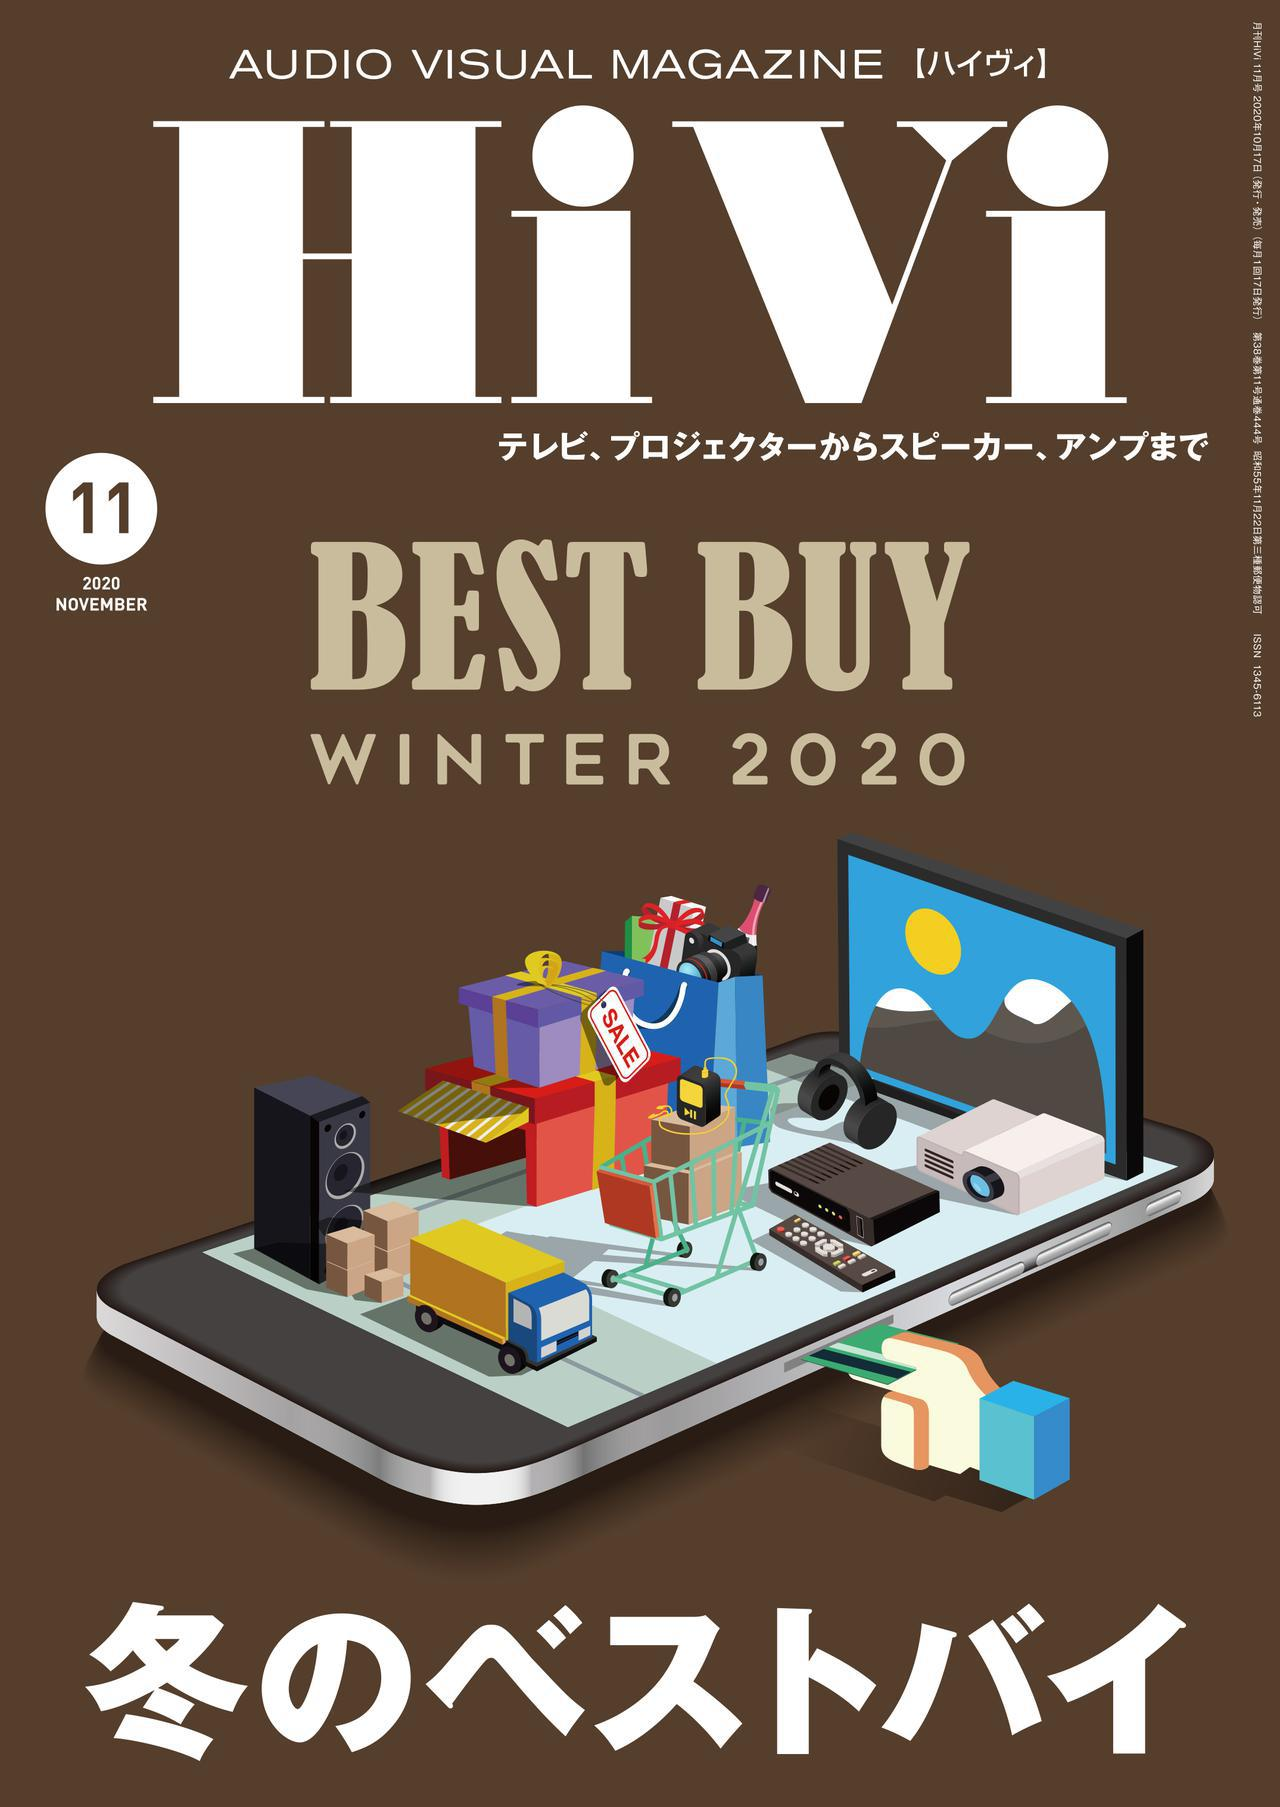 画像: 「冬のベストバイ」掲載、HiVi11月号は10月17日発売